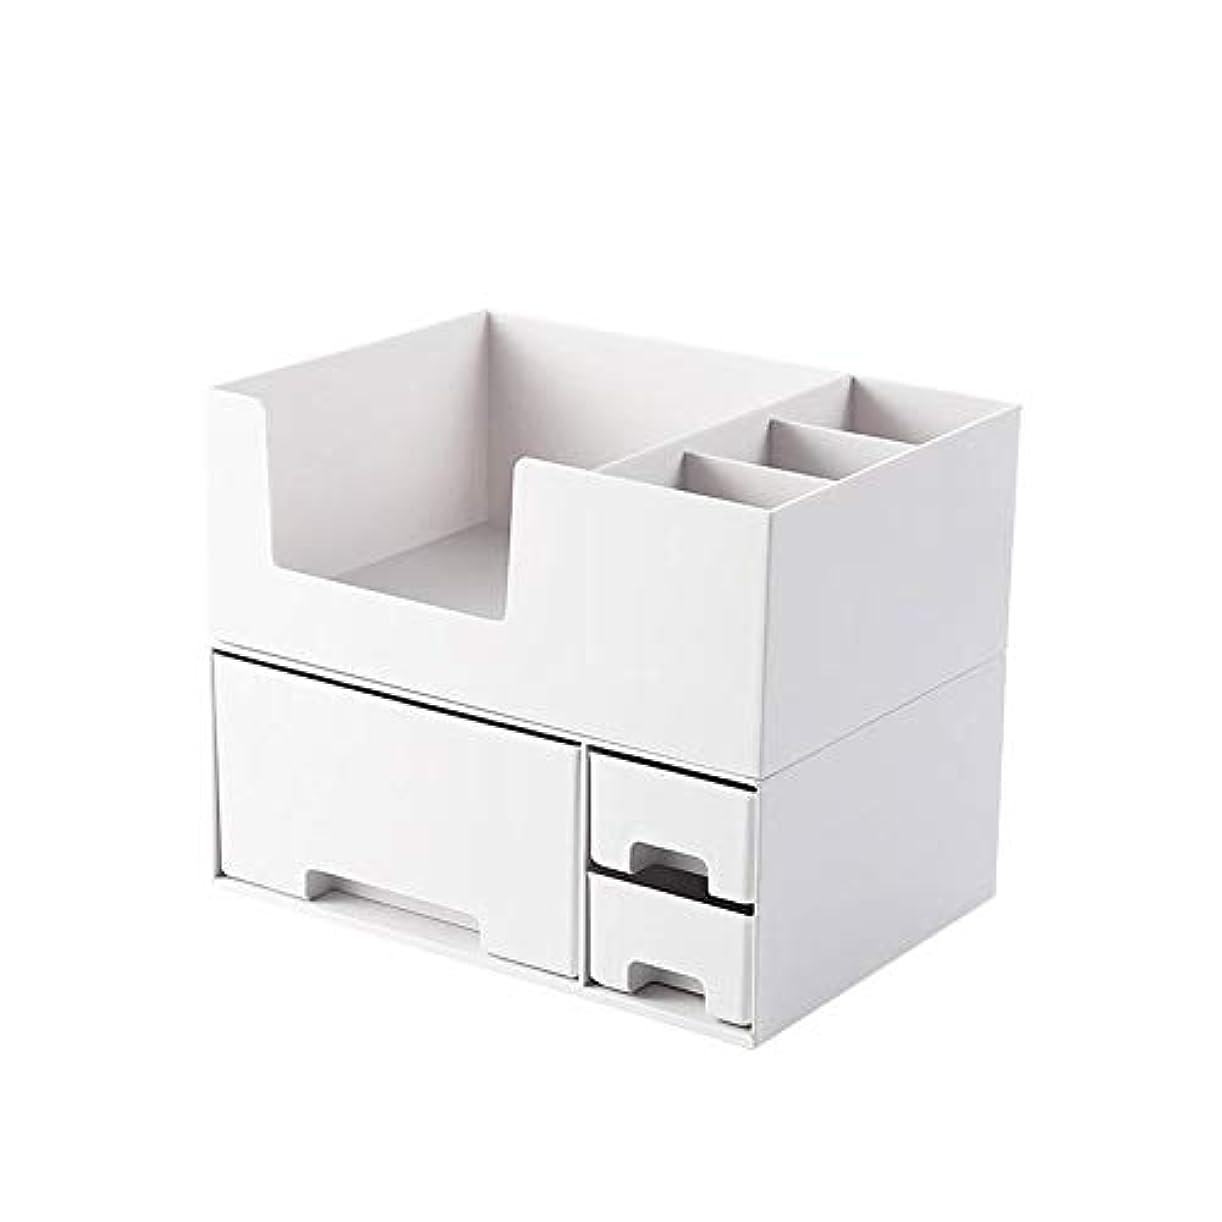 バスルーム同行する将来のBostar 化粧品収納ボックス メイクボックス コスメケース 引き出し 小物入れ 収納ケース 整理簡単 北欧 おしゃれ ホワイト